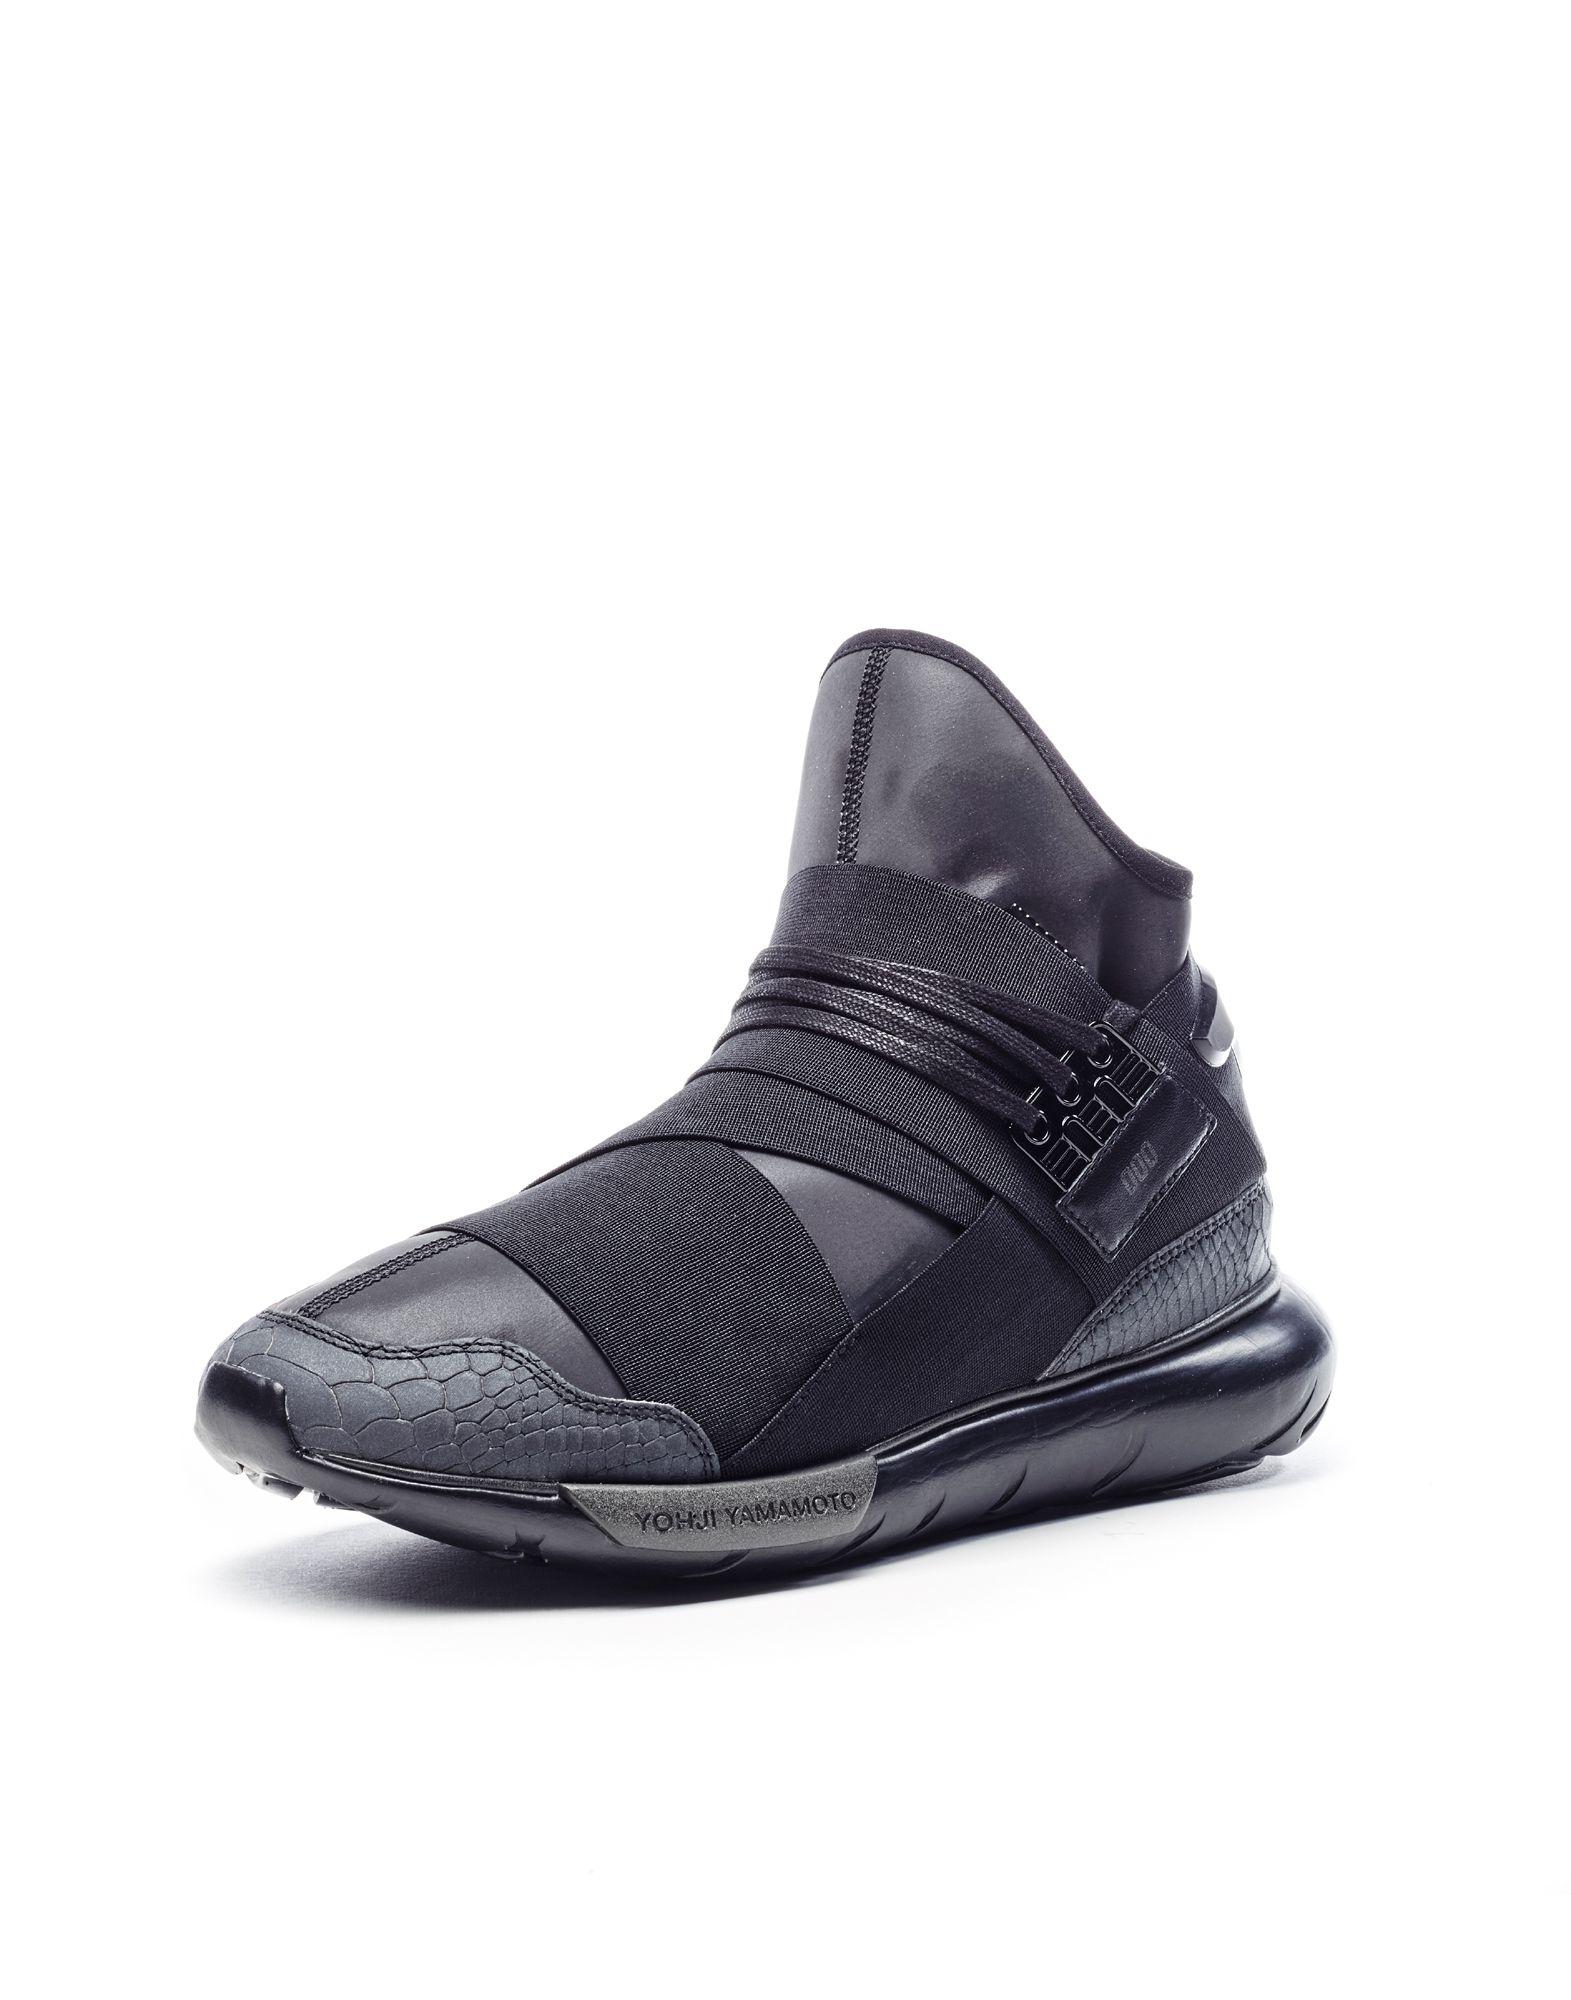 4098b5e4a6f72 ... Y-3 Y-3 Qasa 300 Sneakers Man f ...